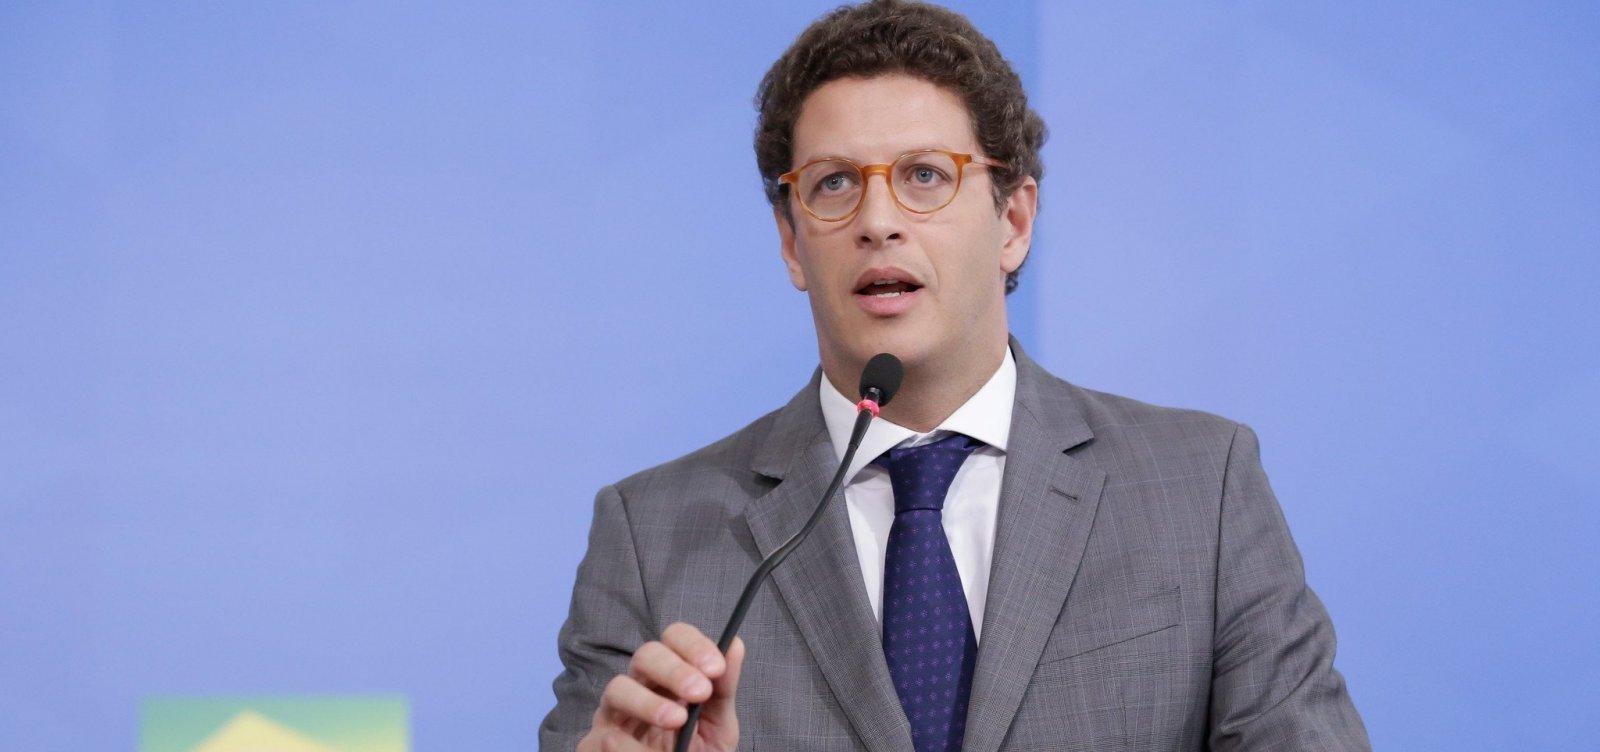 Ministro do Meio Ambiente, Ricardo Salles é diagnosticado com Covid-19